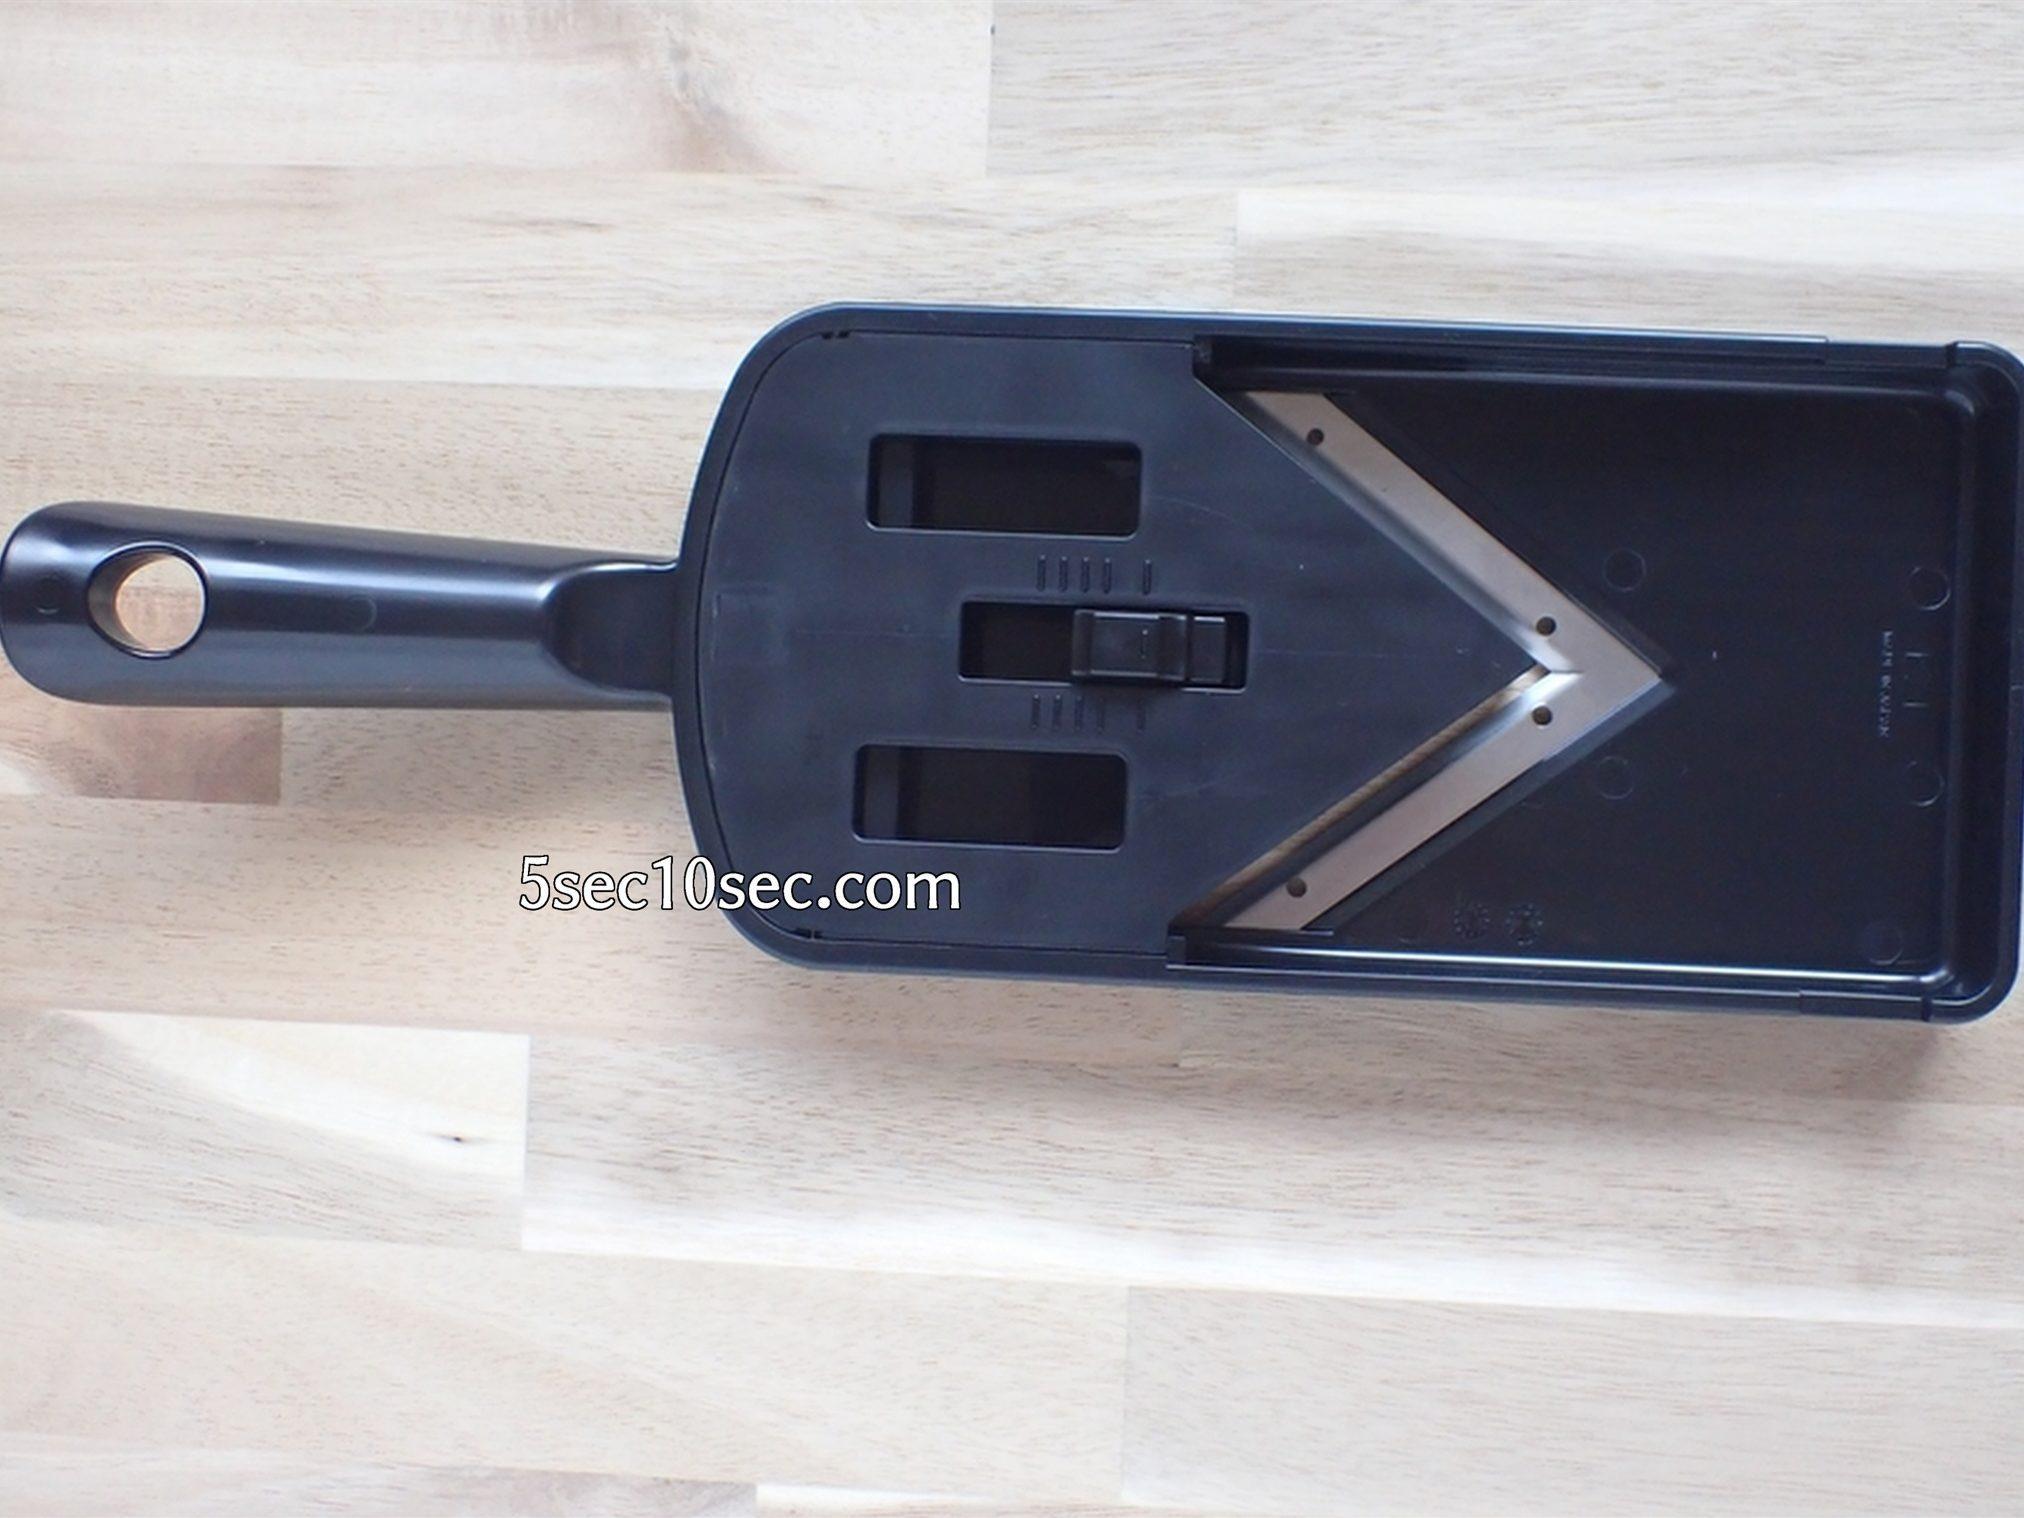 貝印 関孫六 可変式Vスライサー(ガード付き) レギュラー SEKIMAGOROKU 厚み調節機能がついていて、裏側の目盛りで厚さを調節出来ます